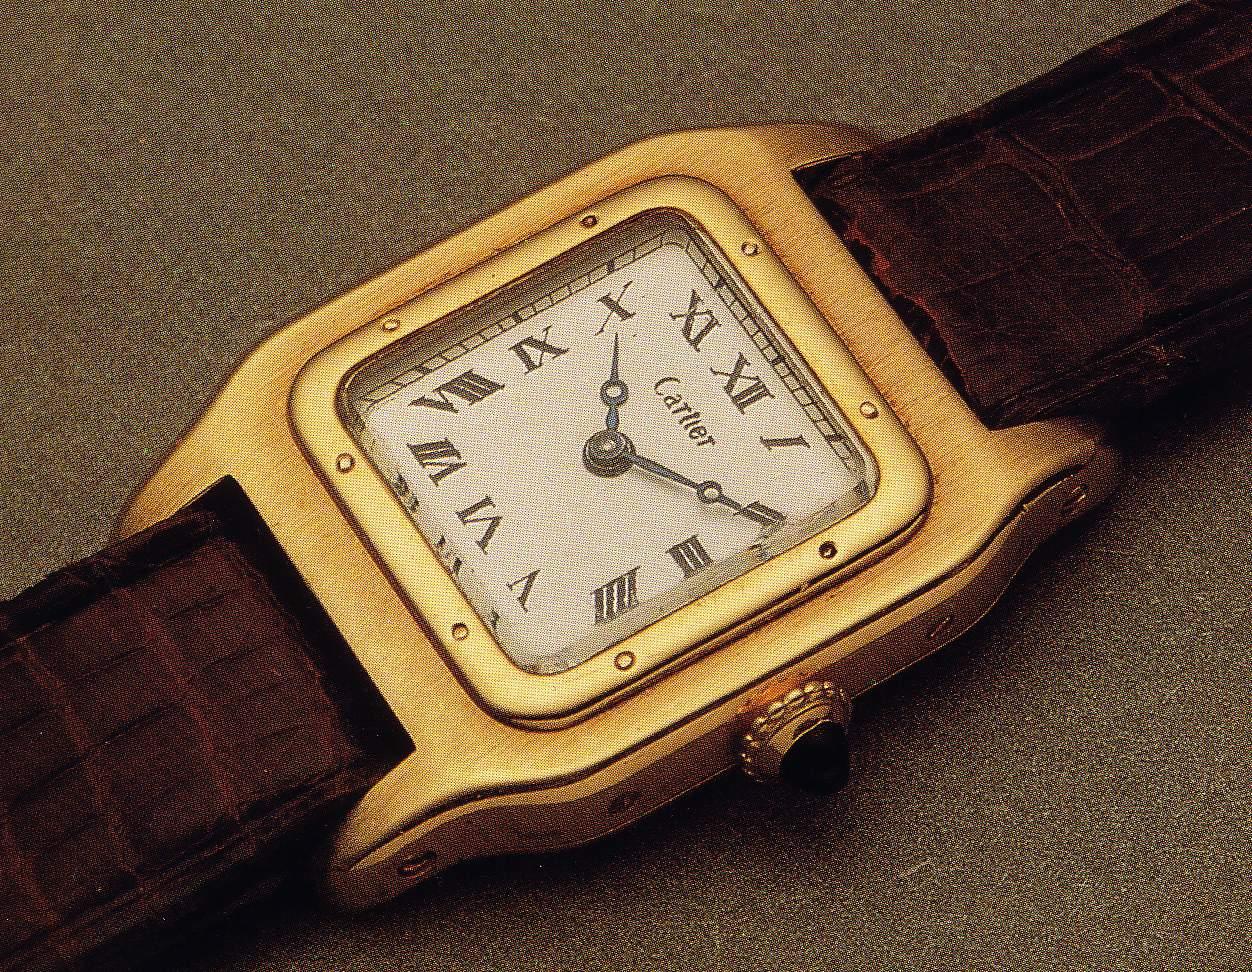 Die Geschichte der Uhr (Teil 6/10)Geschichte der Uhr_ Im 20 Jahrhundert kommen Armbanduhr, neue Technik und Werkstoffe und starke Luxusmarken: Das ist die Geschichte der Uhr im 20. Jh.